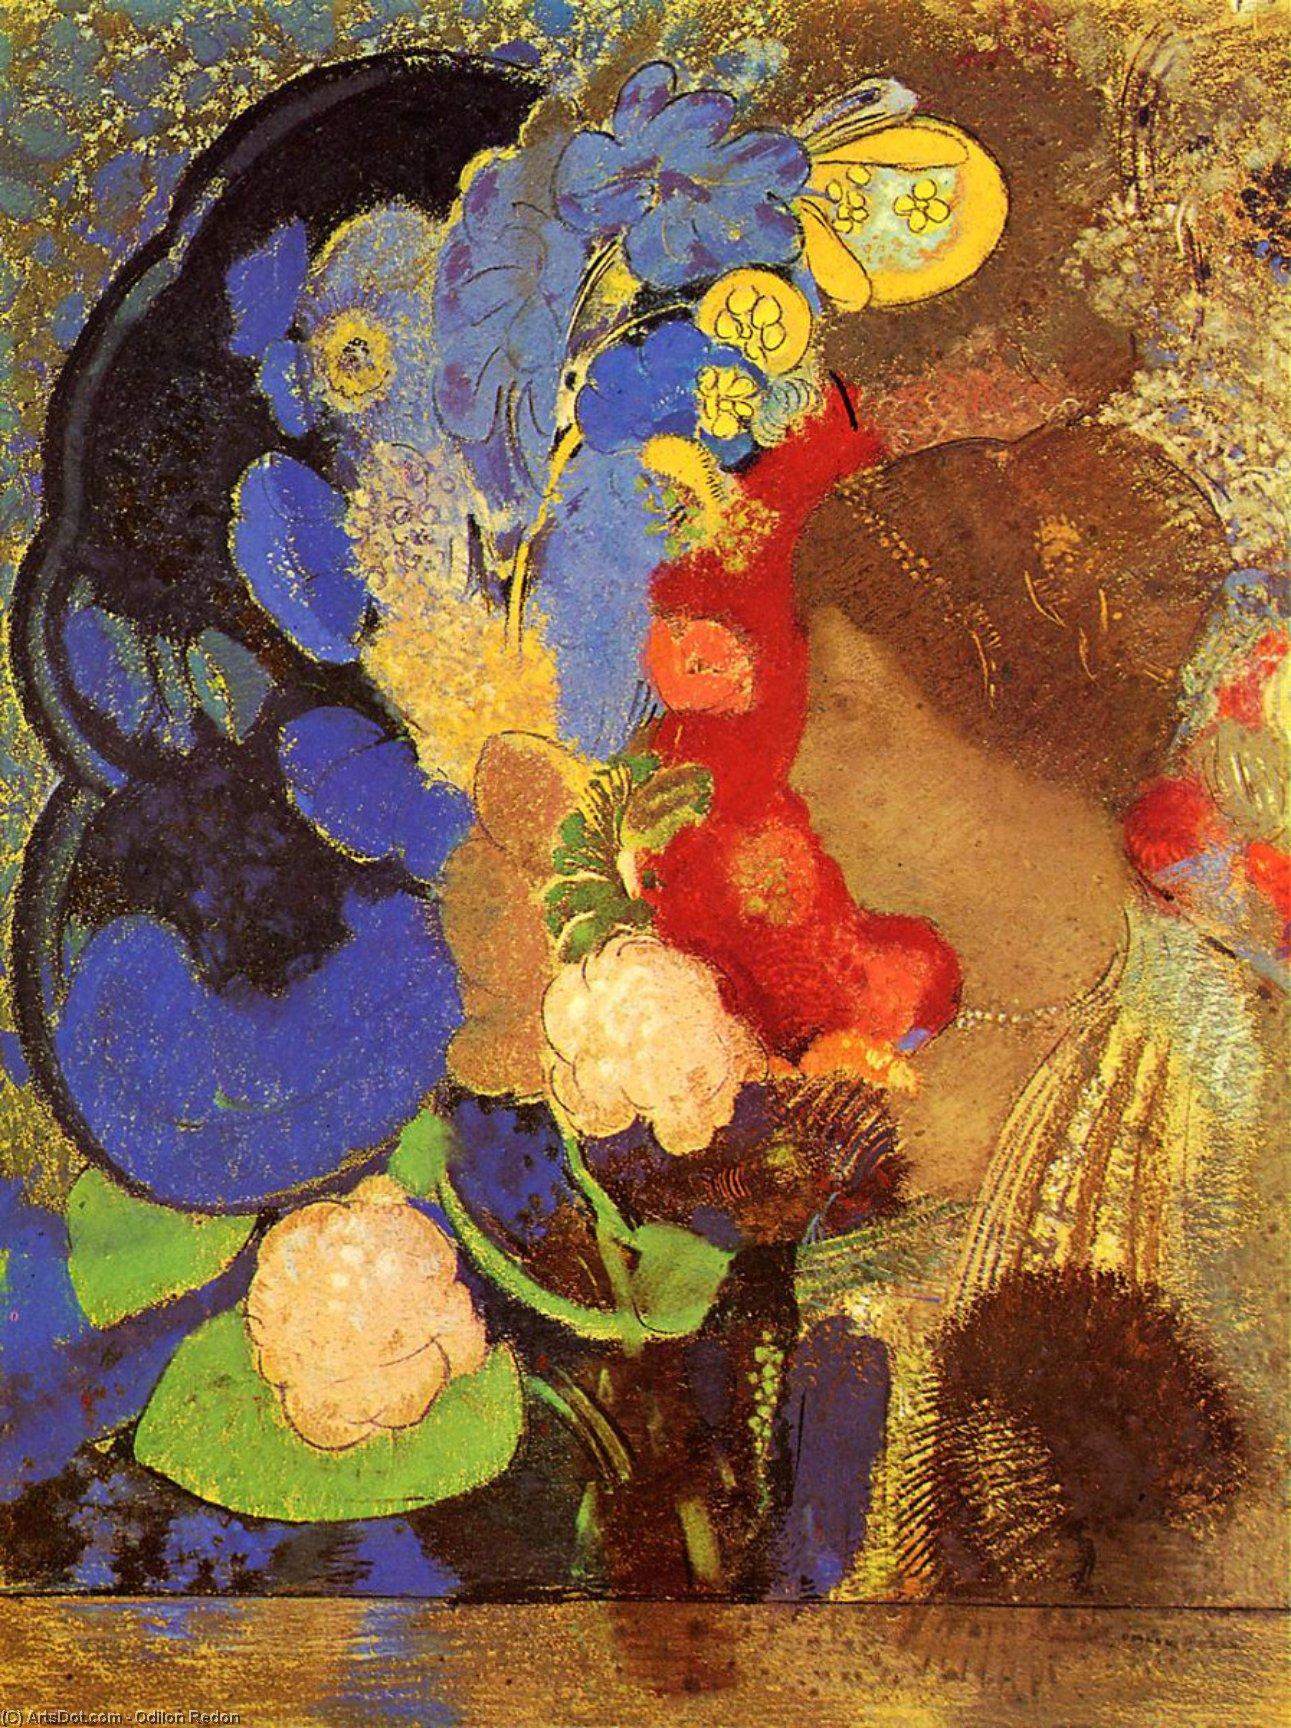 Оділона Редона «Жінка в квітах».   Світлина: Arts.Dot.com